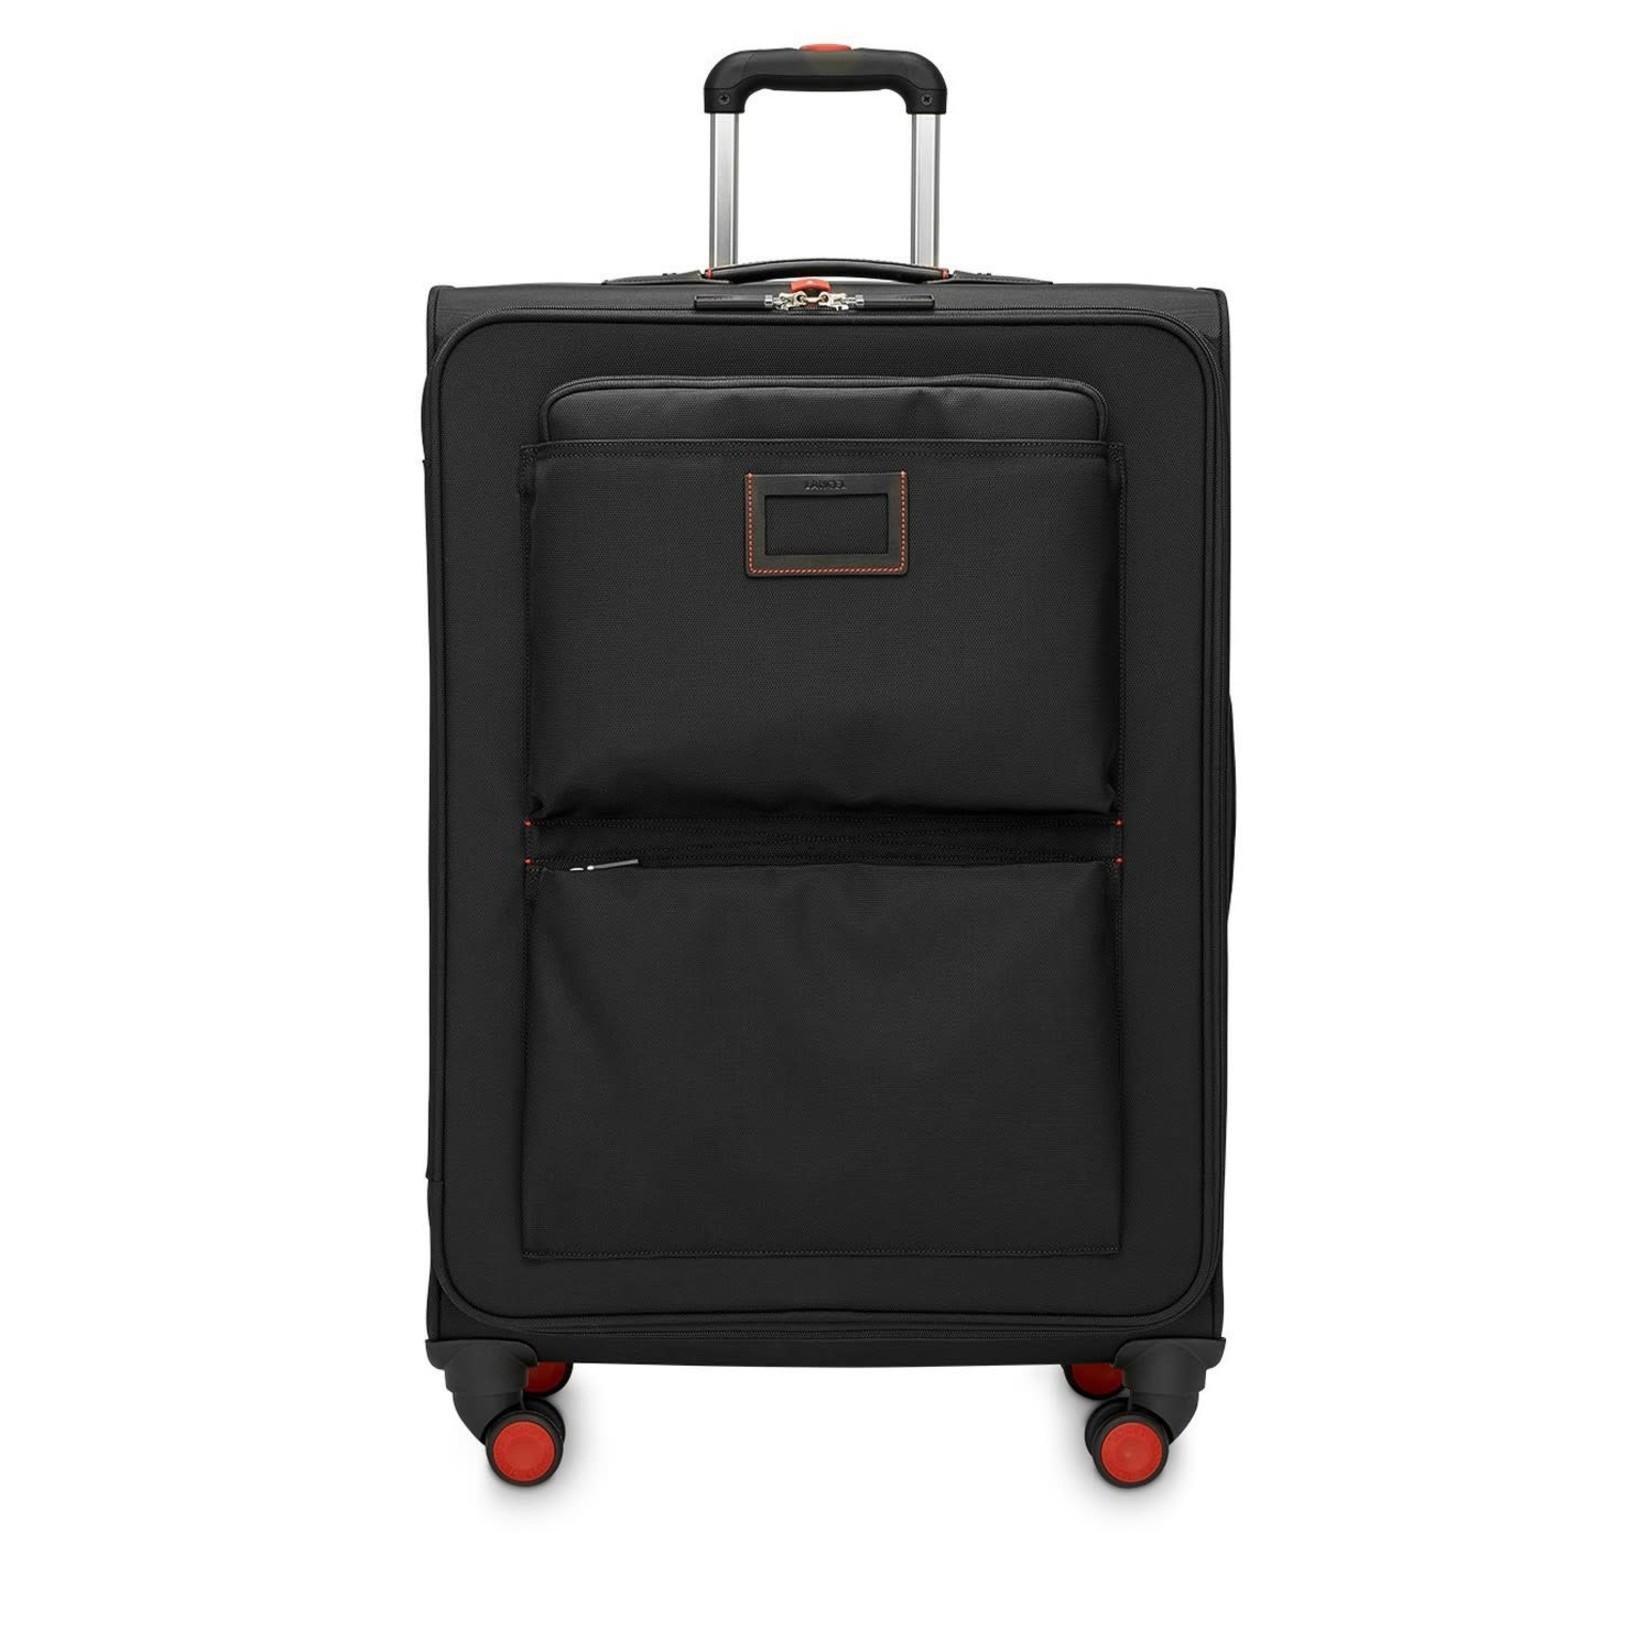 LANCEL Lancel - Suitcase - Explorer A08021 - Black - Large